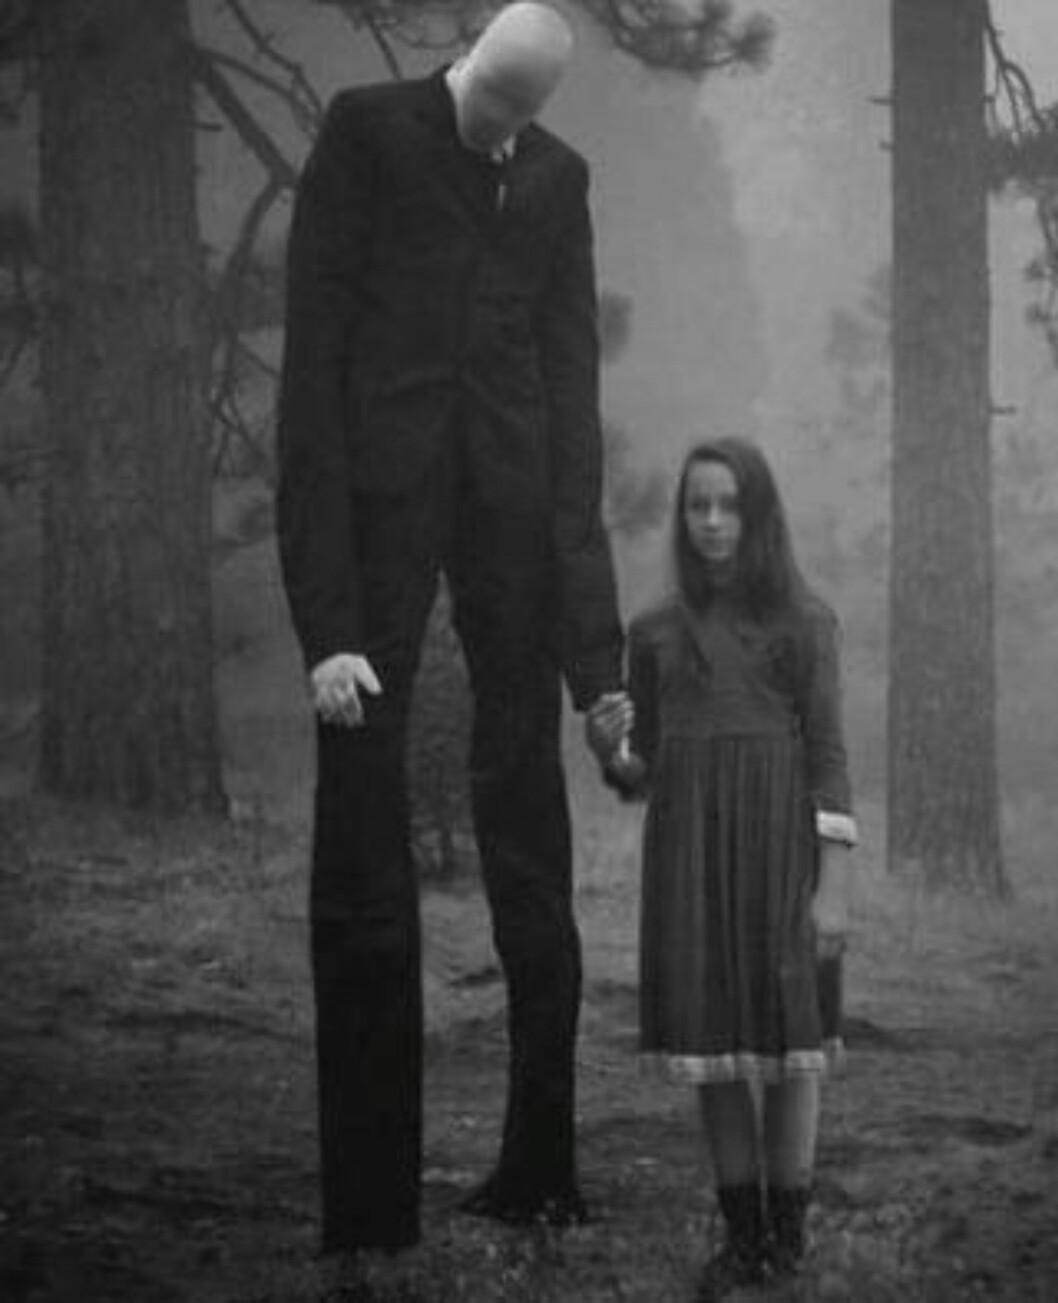 ANSIKTSLØS: Den pent kledde, men ansiktsløse «Slender Man», skal ha inspirert tenåringer til vold.  Foto: Something Awful